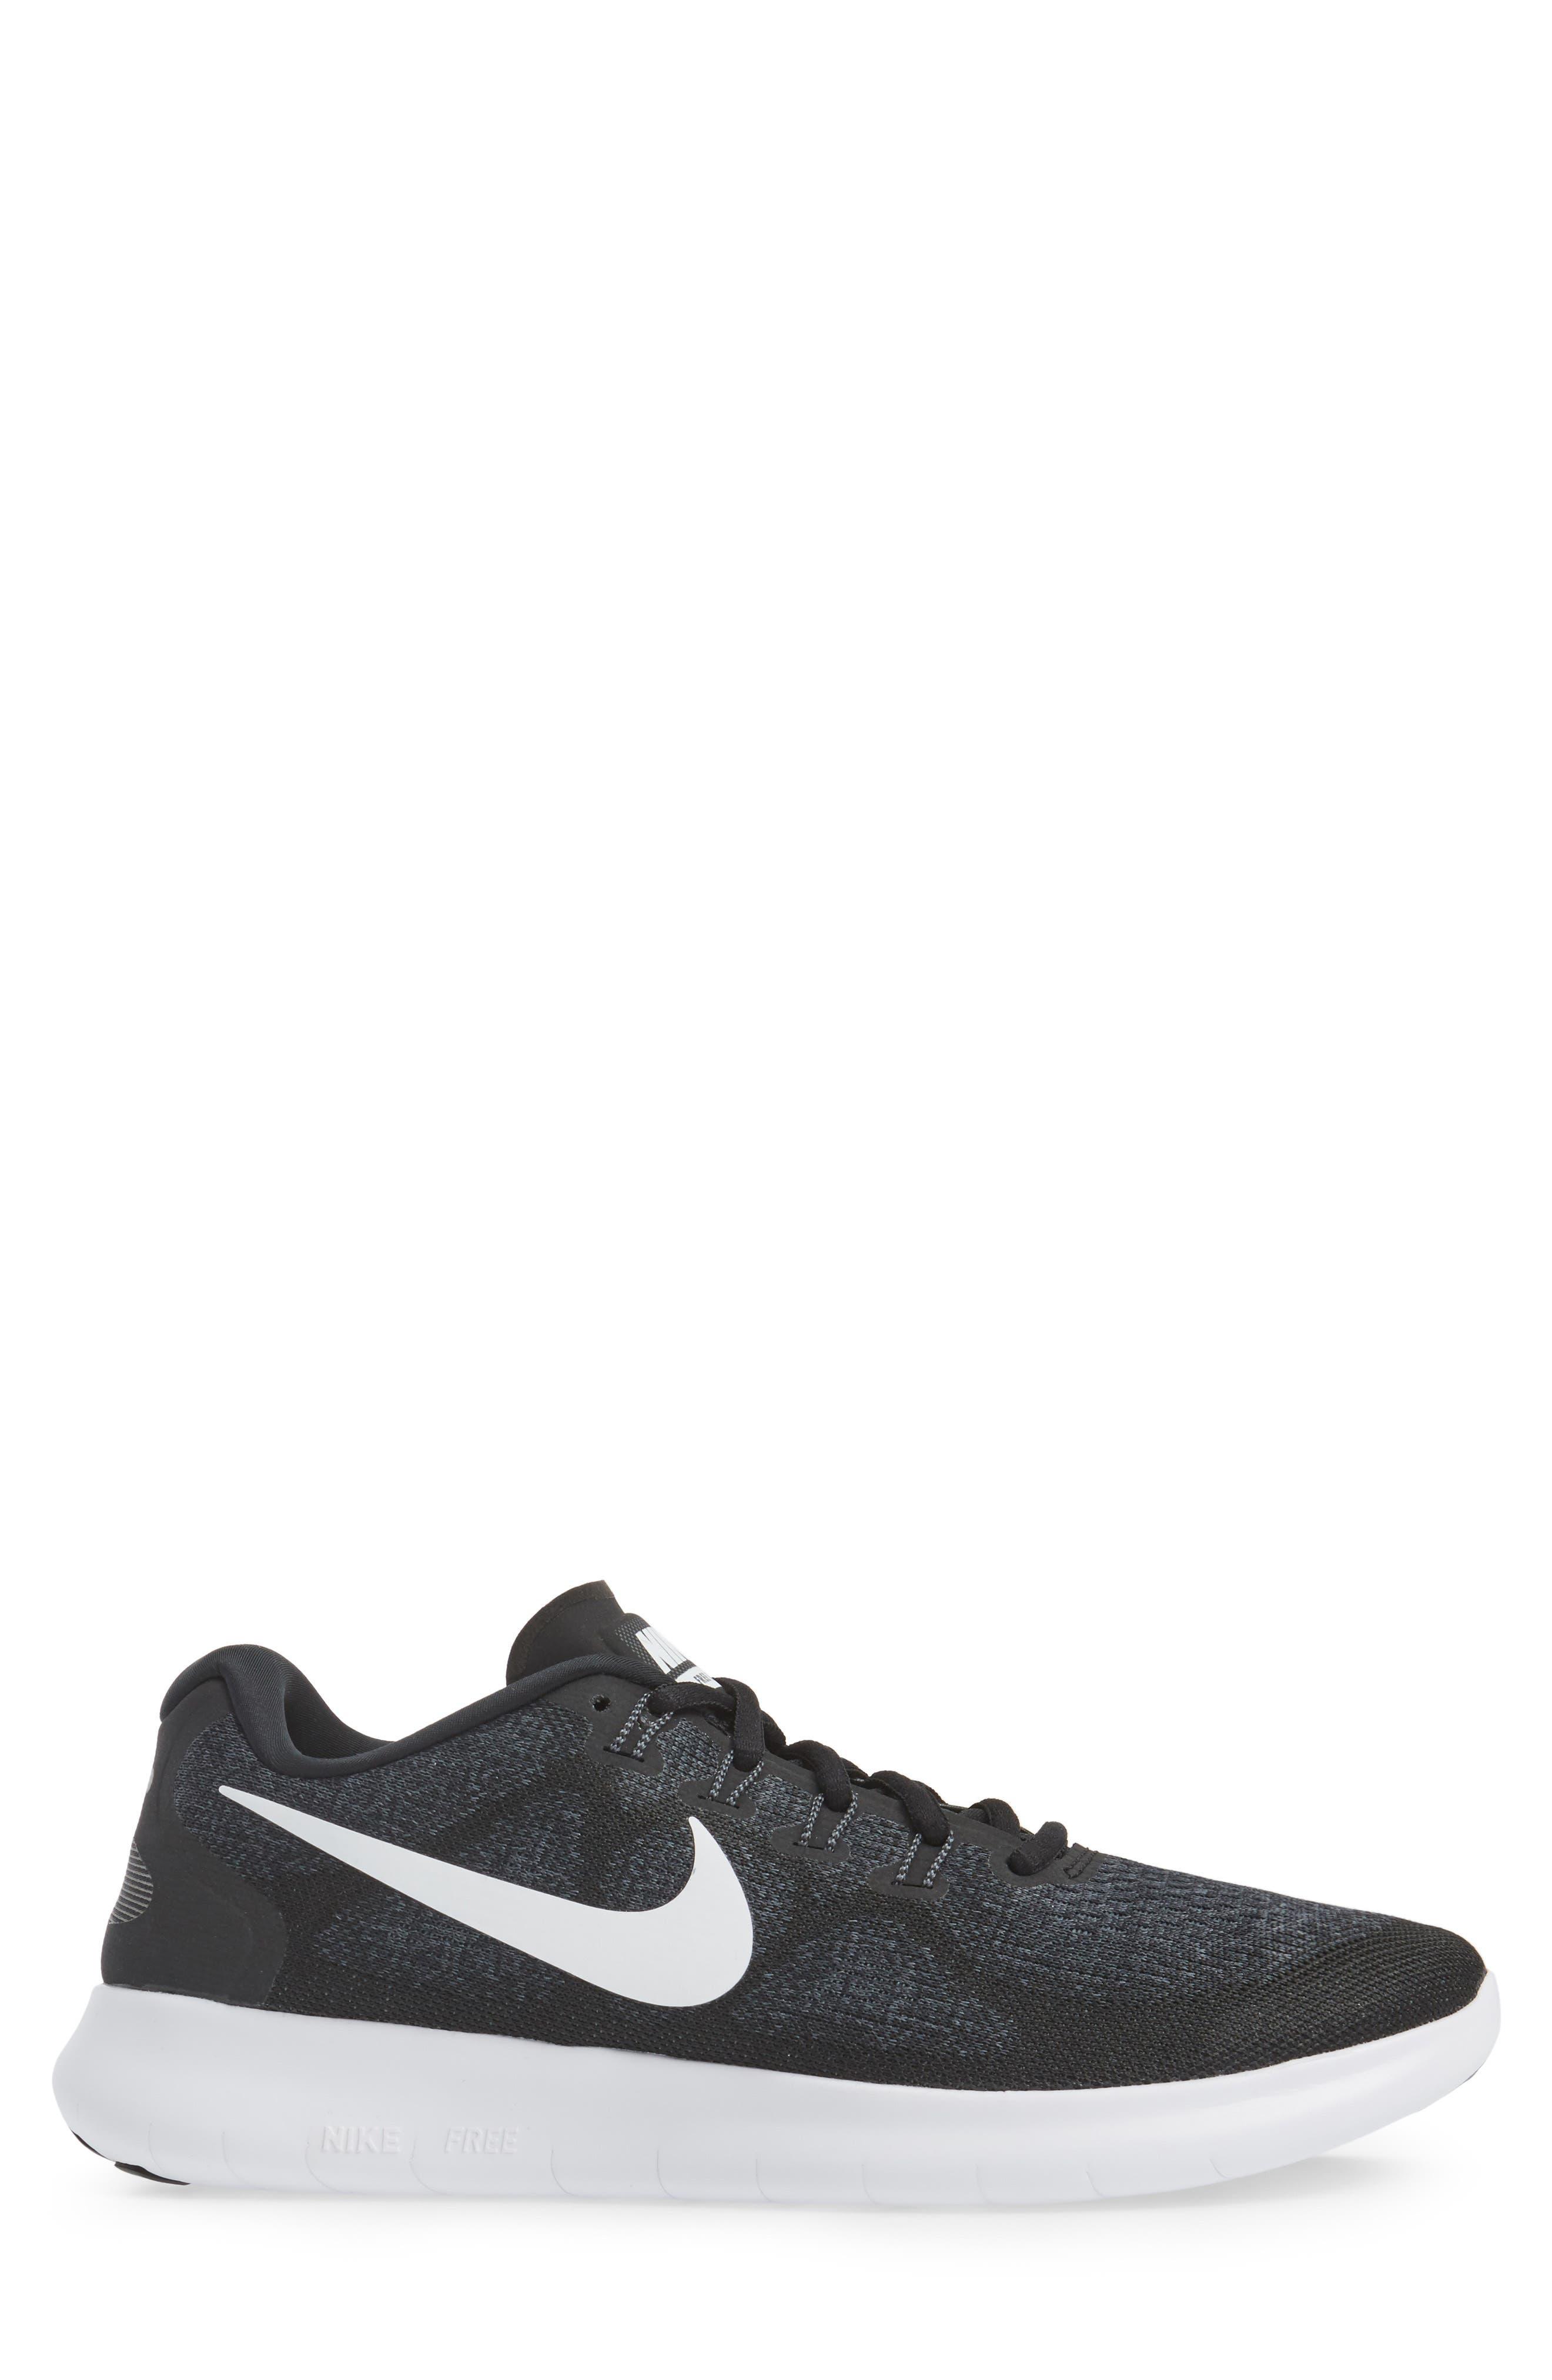 Alternate Image 3  - Nike Free Run 2017 Running Shoe (Men)